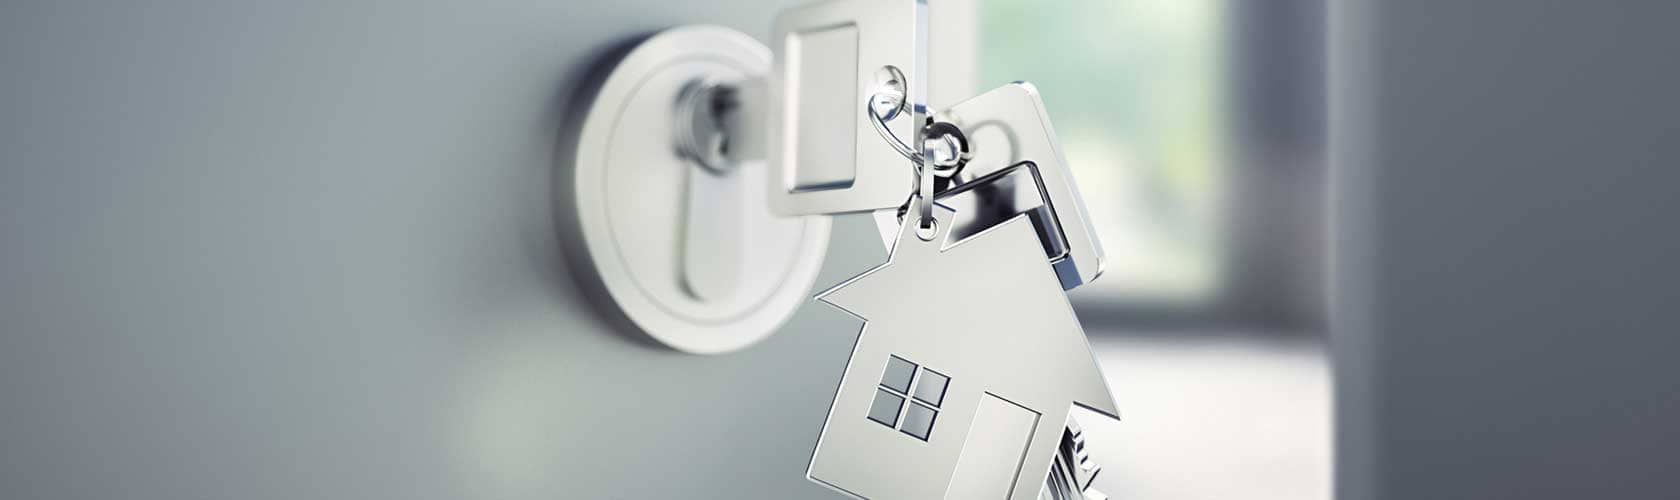 Büro Sicherheitsschlüssel System eingebaut in Geschäftseingang